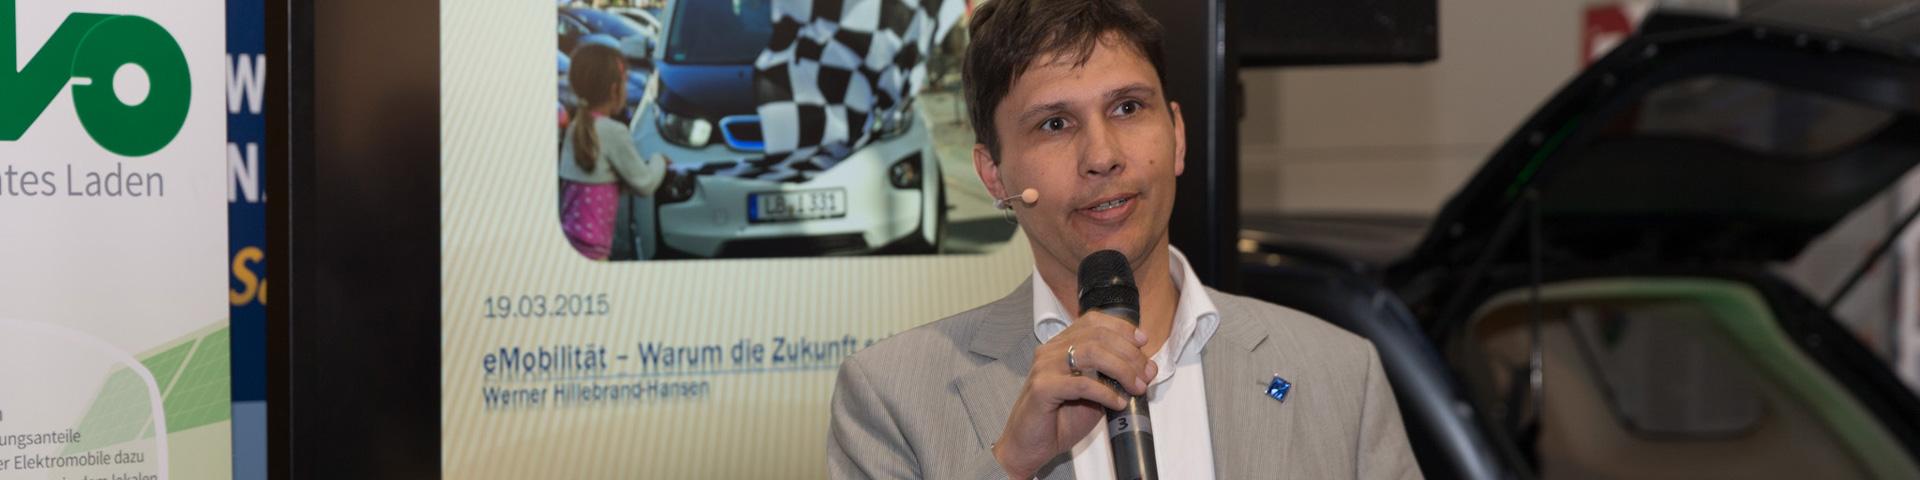 Werner Hillebrand-Hansen bei seinem Vortrag. Bild: © Thomas Igler.